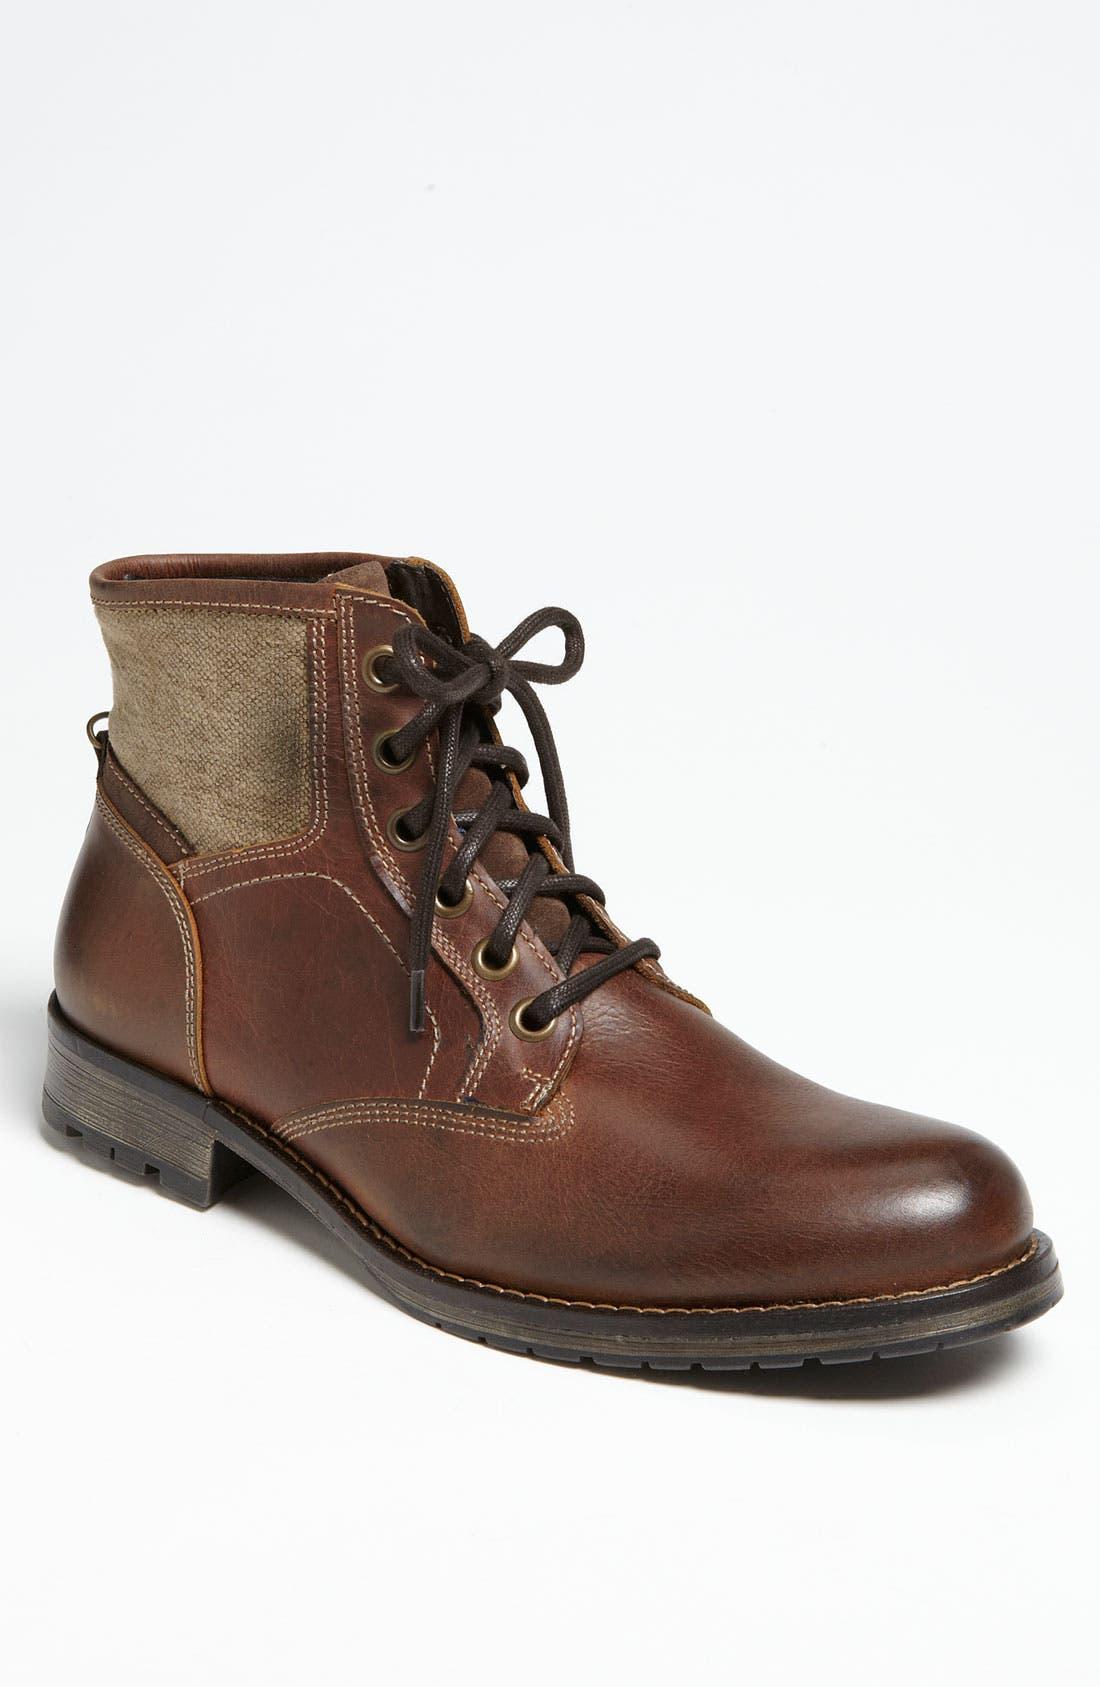 Alternate Image 1 Selected - ALDO 'Degrass' Boot